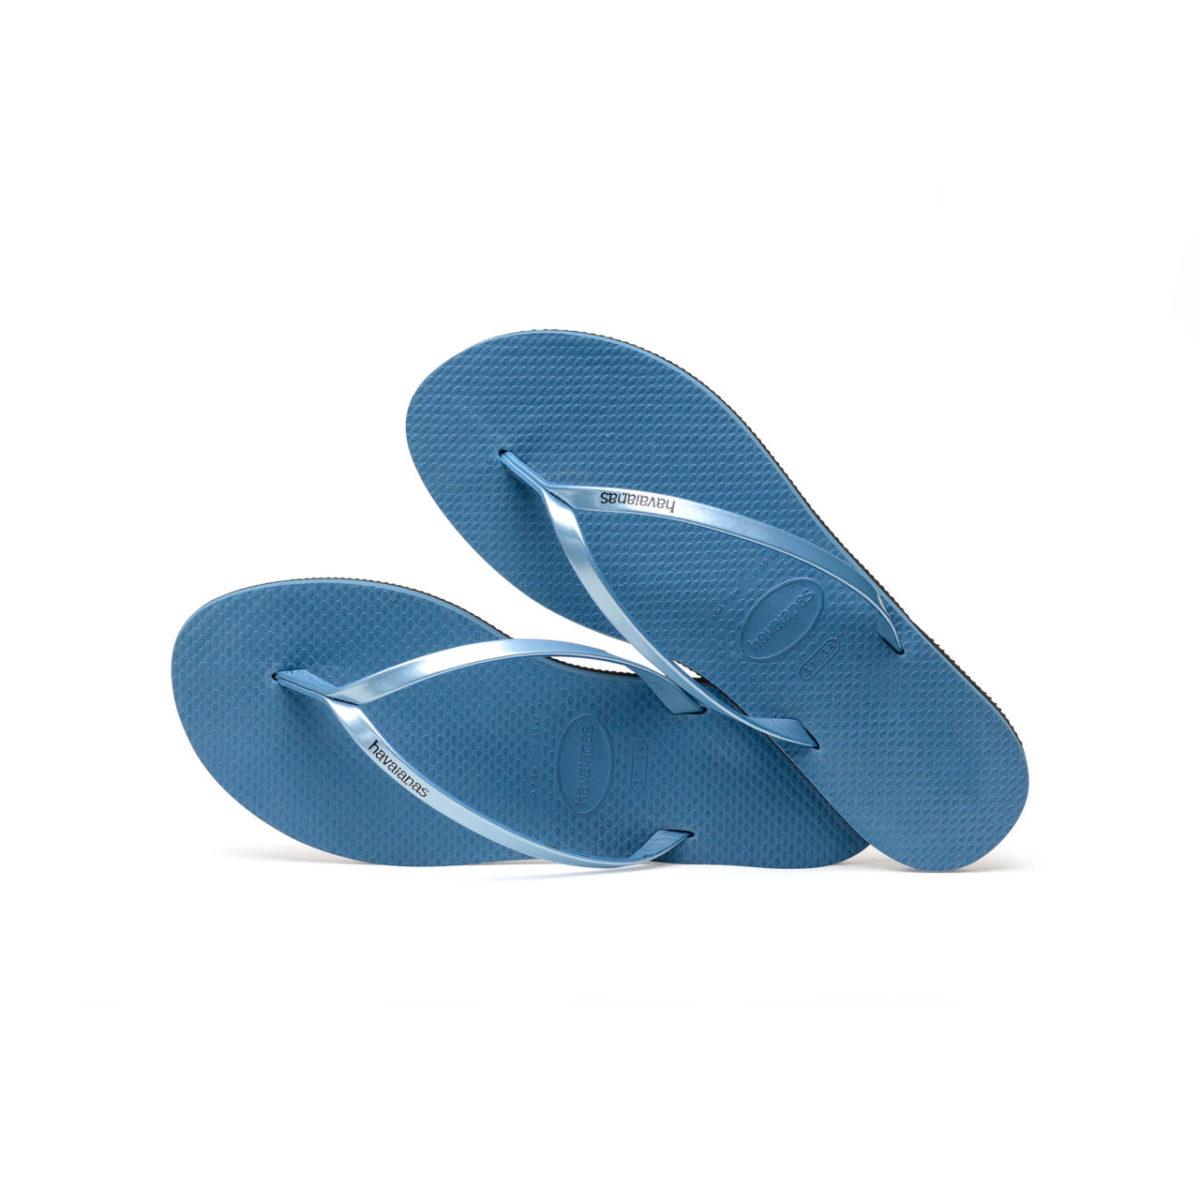 Havaianas Flipflops Sandale Badeschuh Zehentrenner You Metallic Blue Badelatschen Badeschlappen